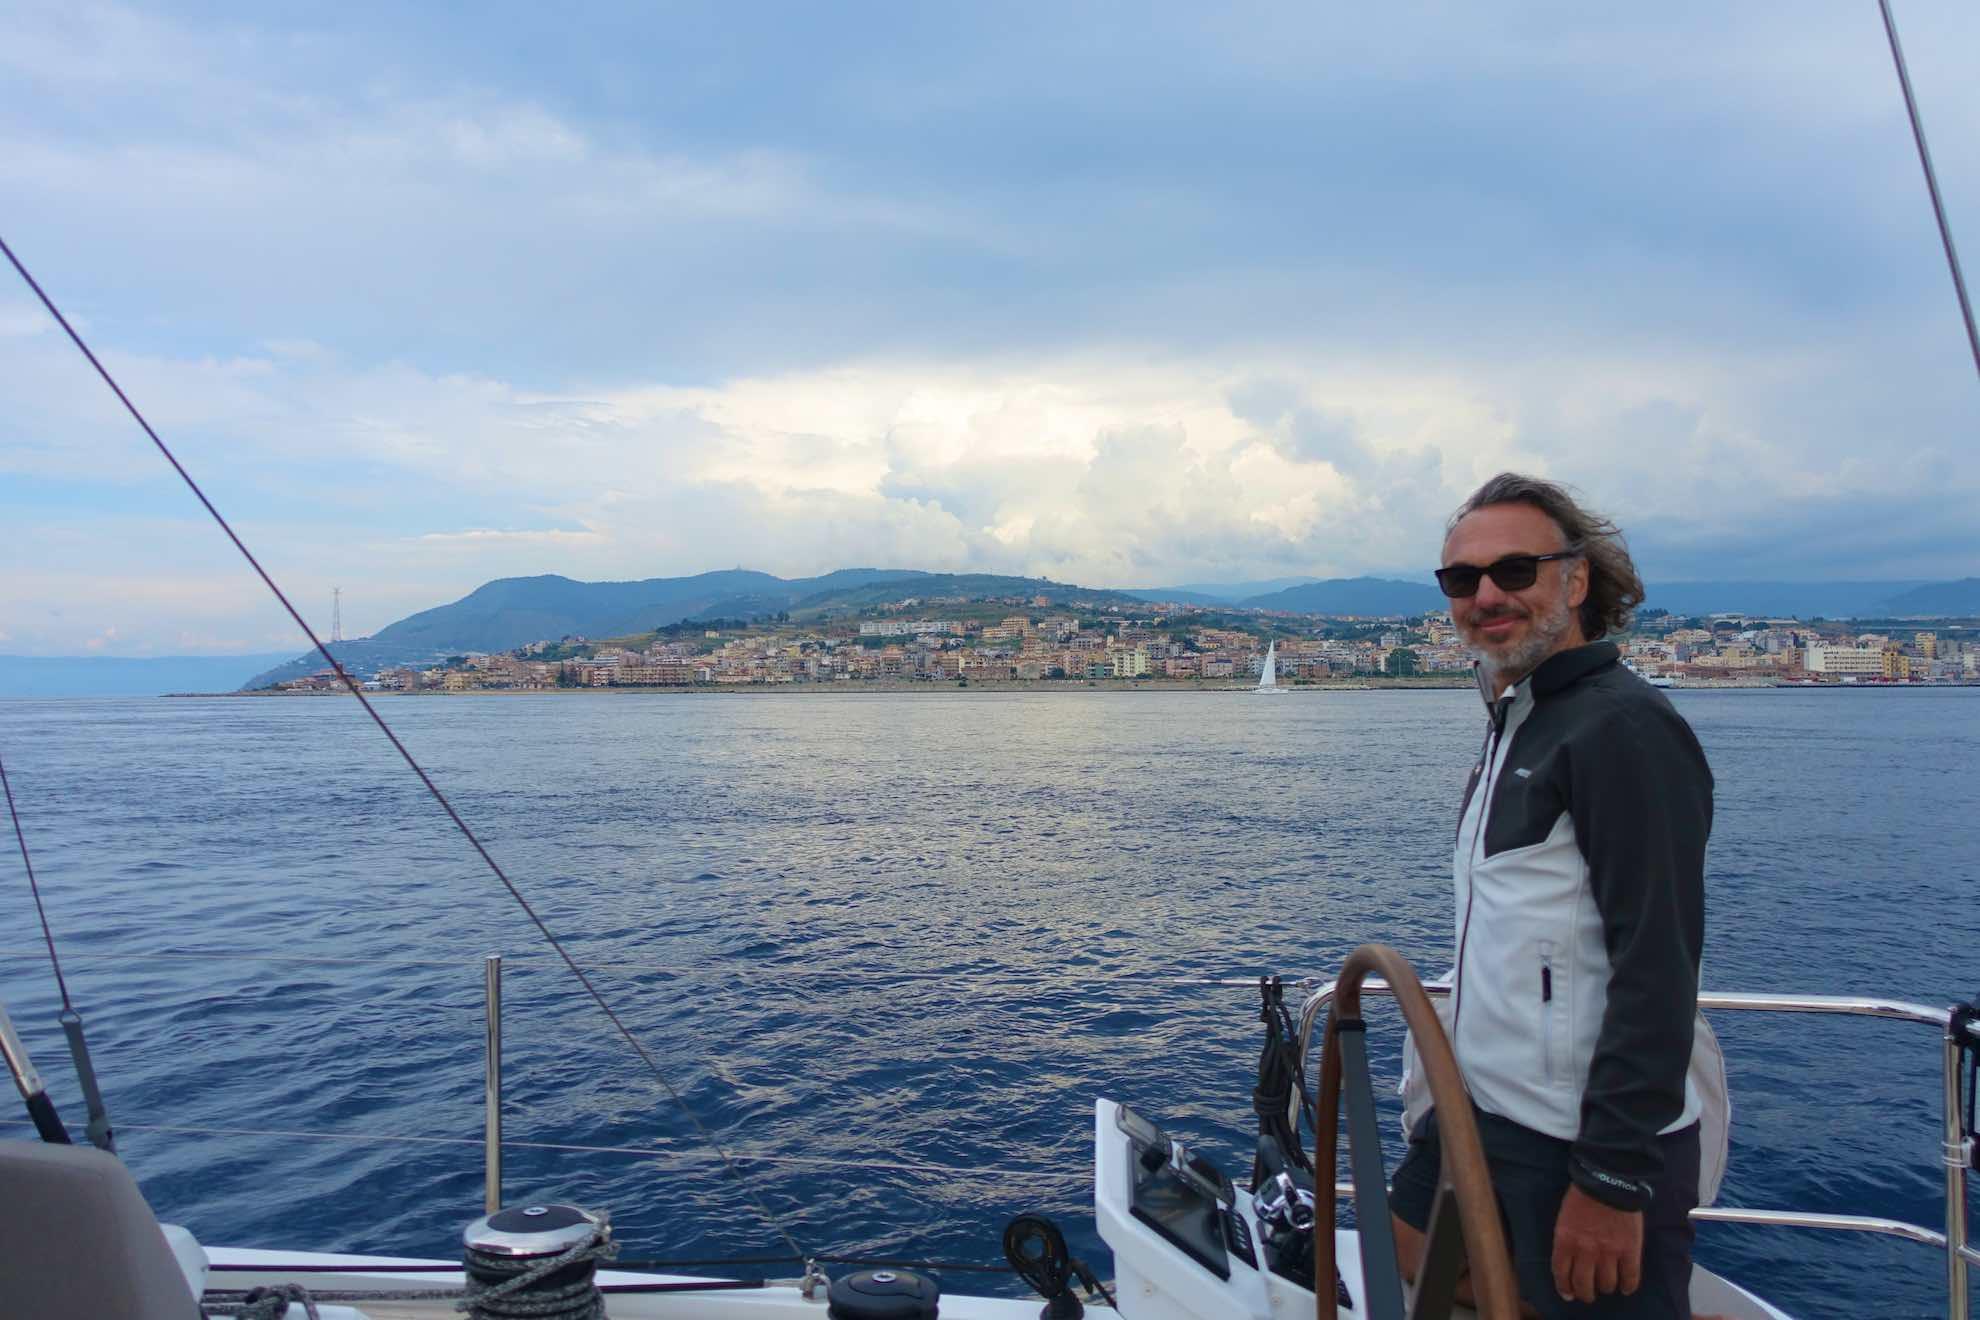 Die Straße von Messina, Meerenge zwischen Italiens Festland und Sizilien.